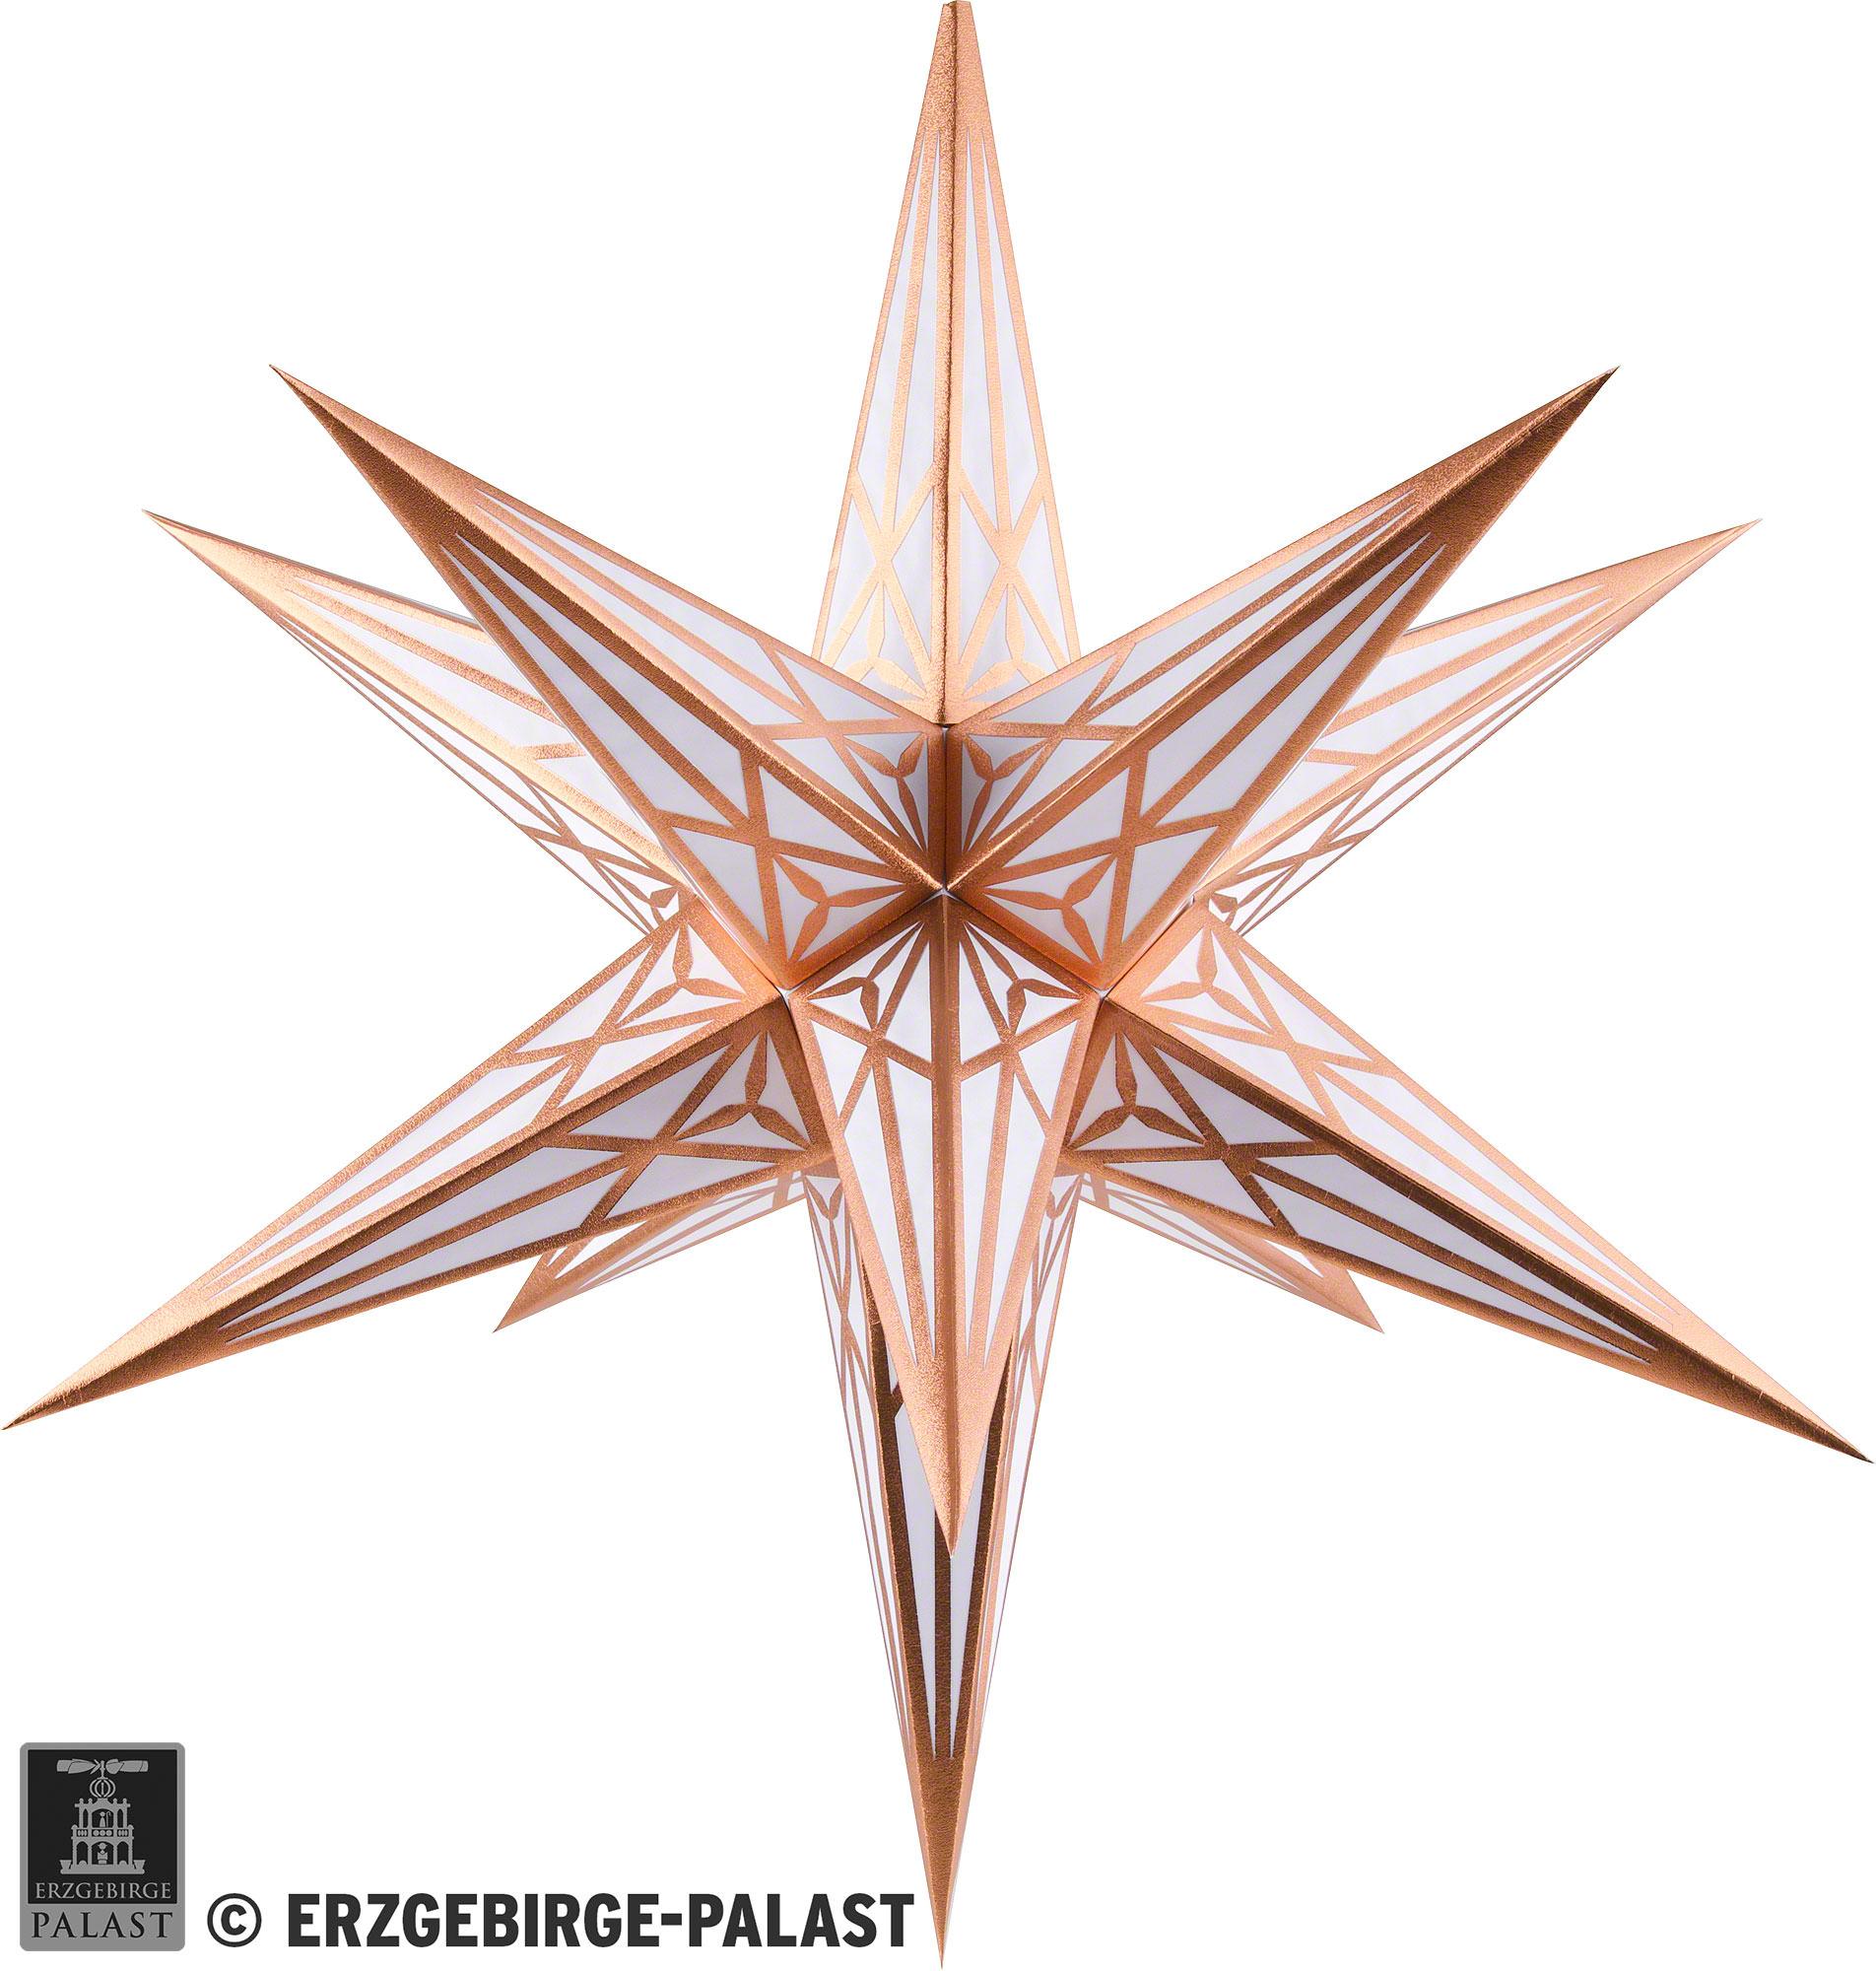 Hartensteiner Weihnachtsstern Für Innen - Weiß Mit Kupfer - 68 Cm in Weihnachtsstern Bild